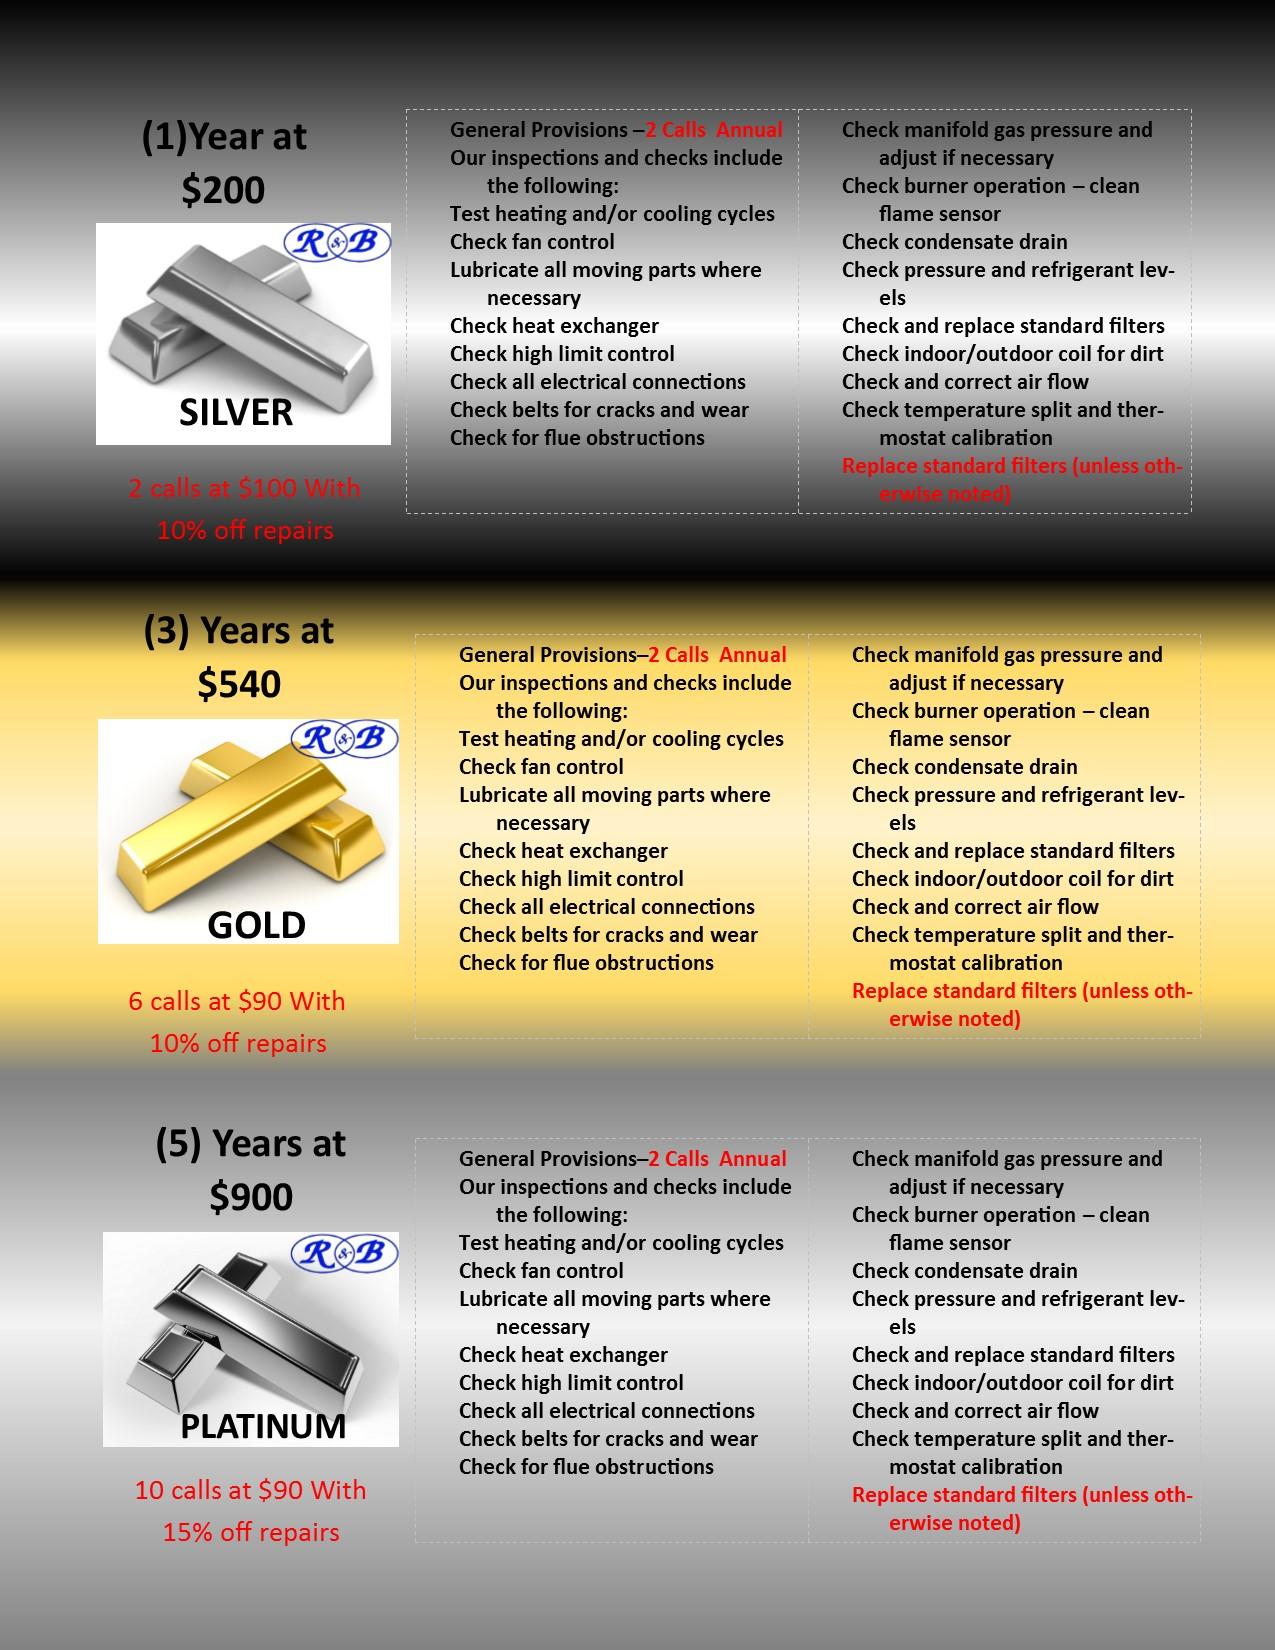 Platinum  5 years  10 Calls at 90$  15% Off Repairs  Standard filter replacement